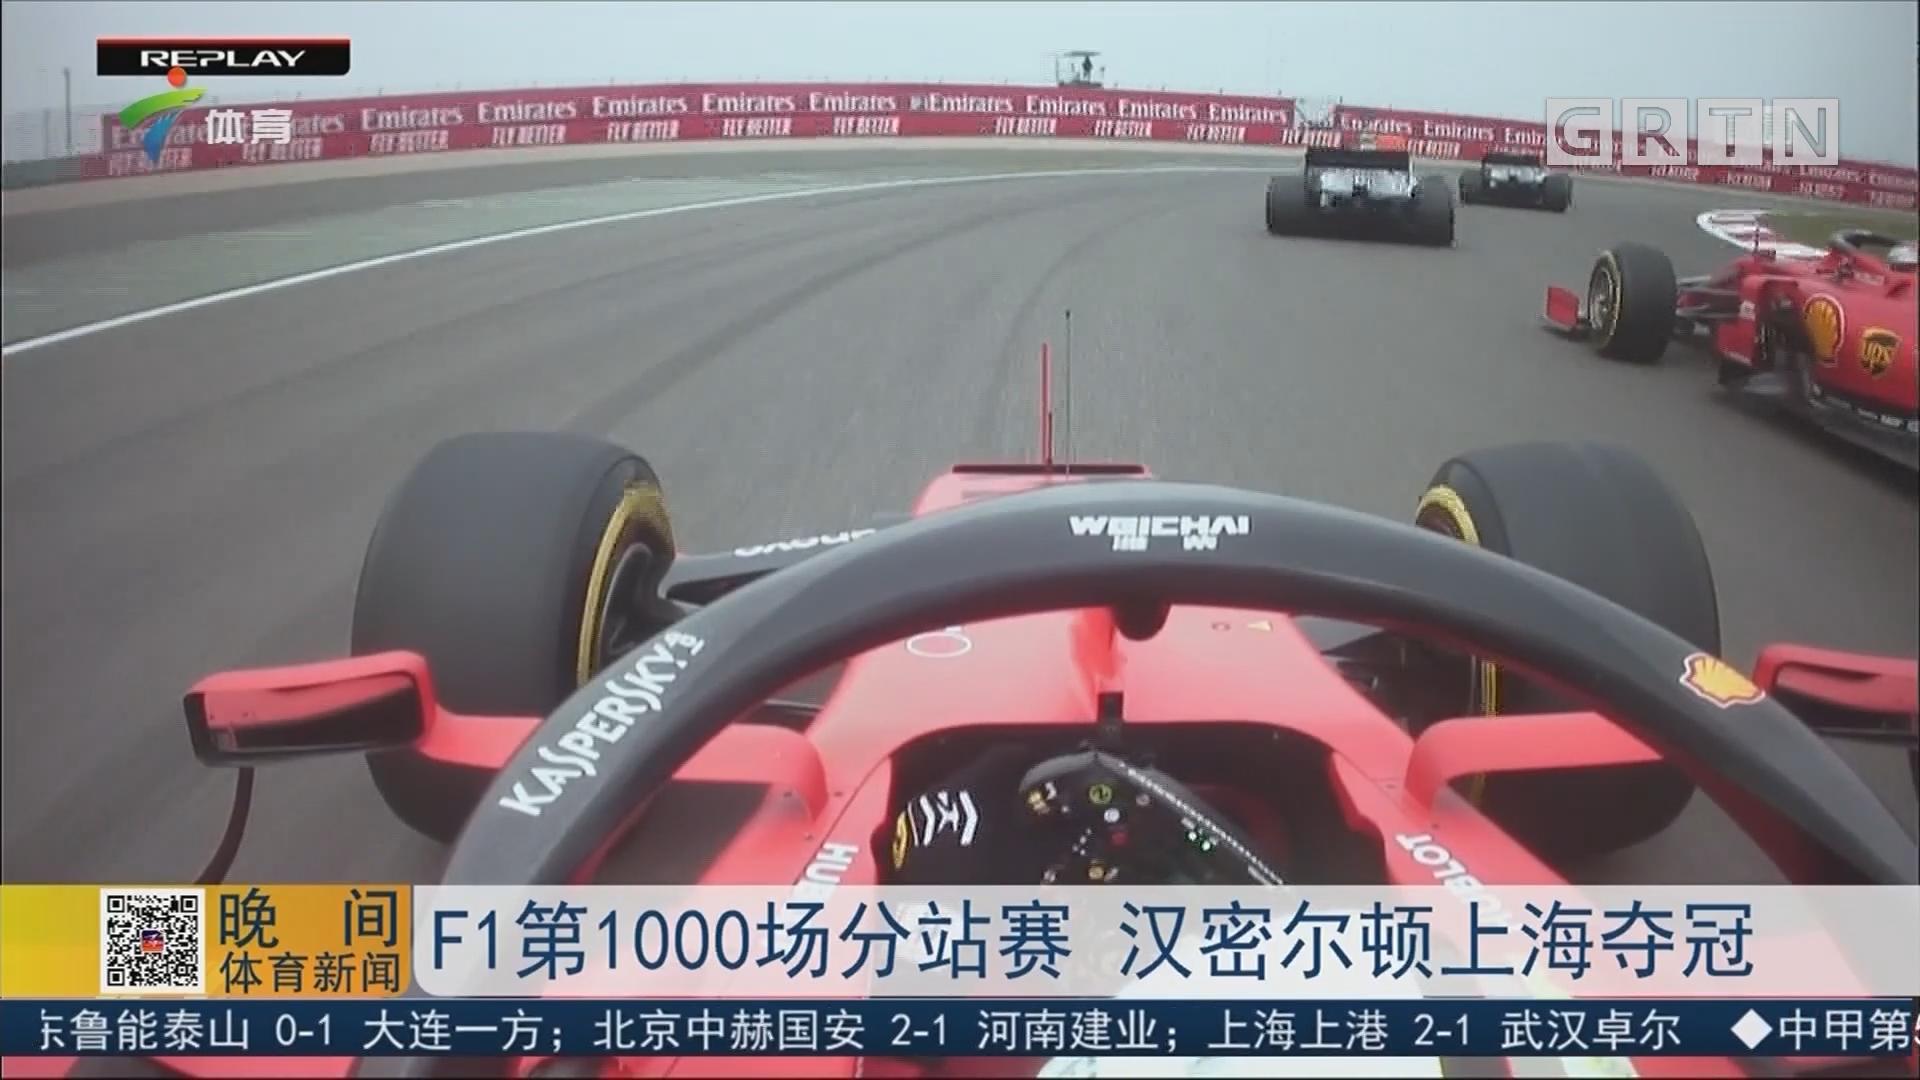 F1第1000场分站赛 汉密尔顿上海夺冠